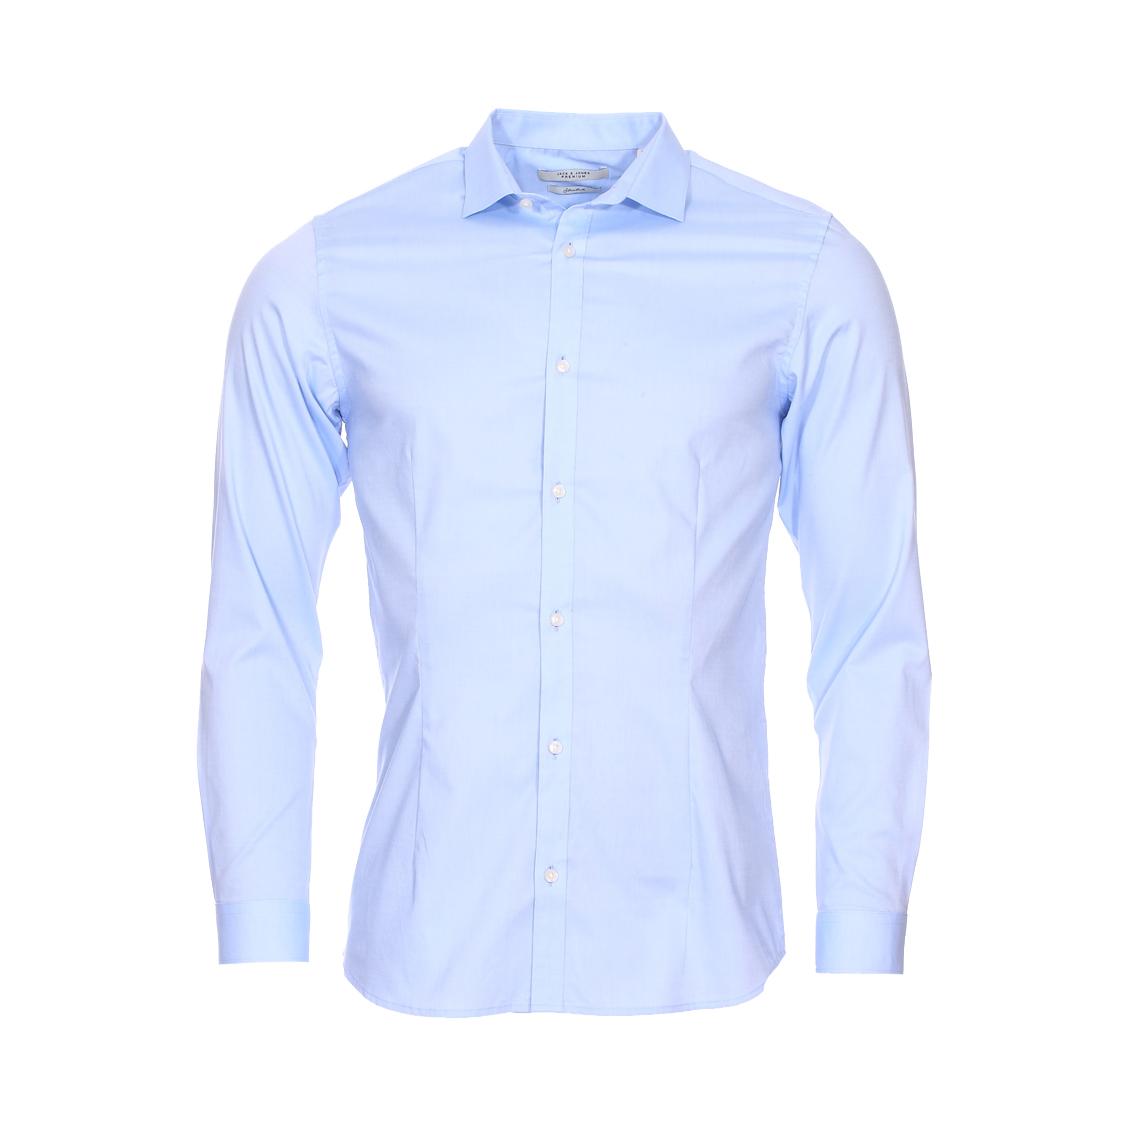 Chemise cintrée  parma en coton stretch bleu ciel